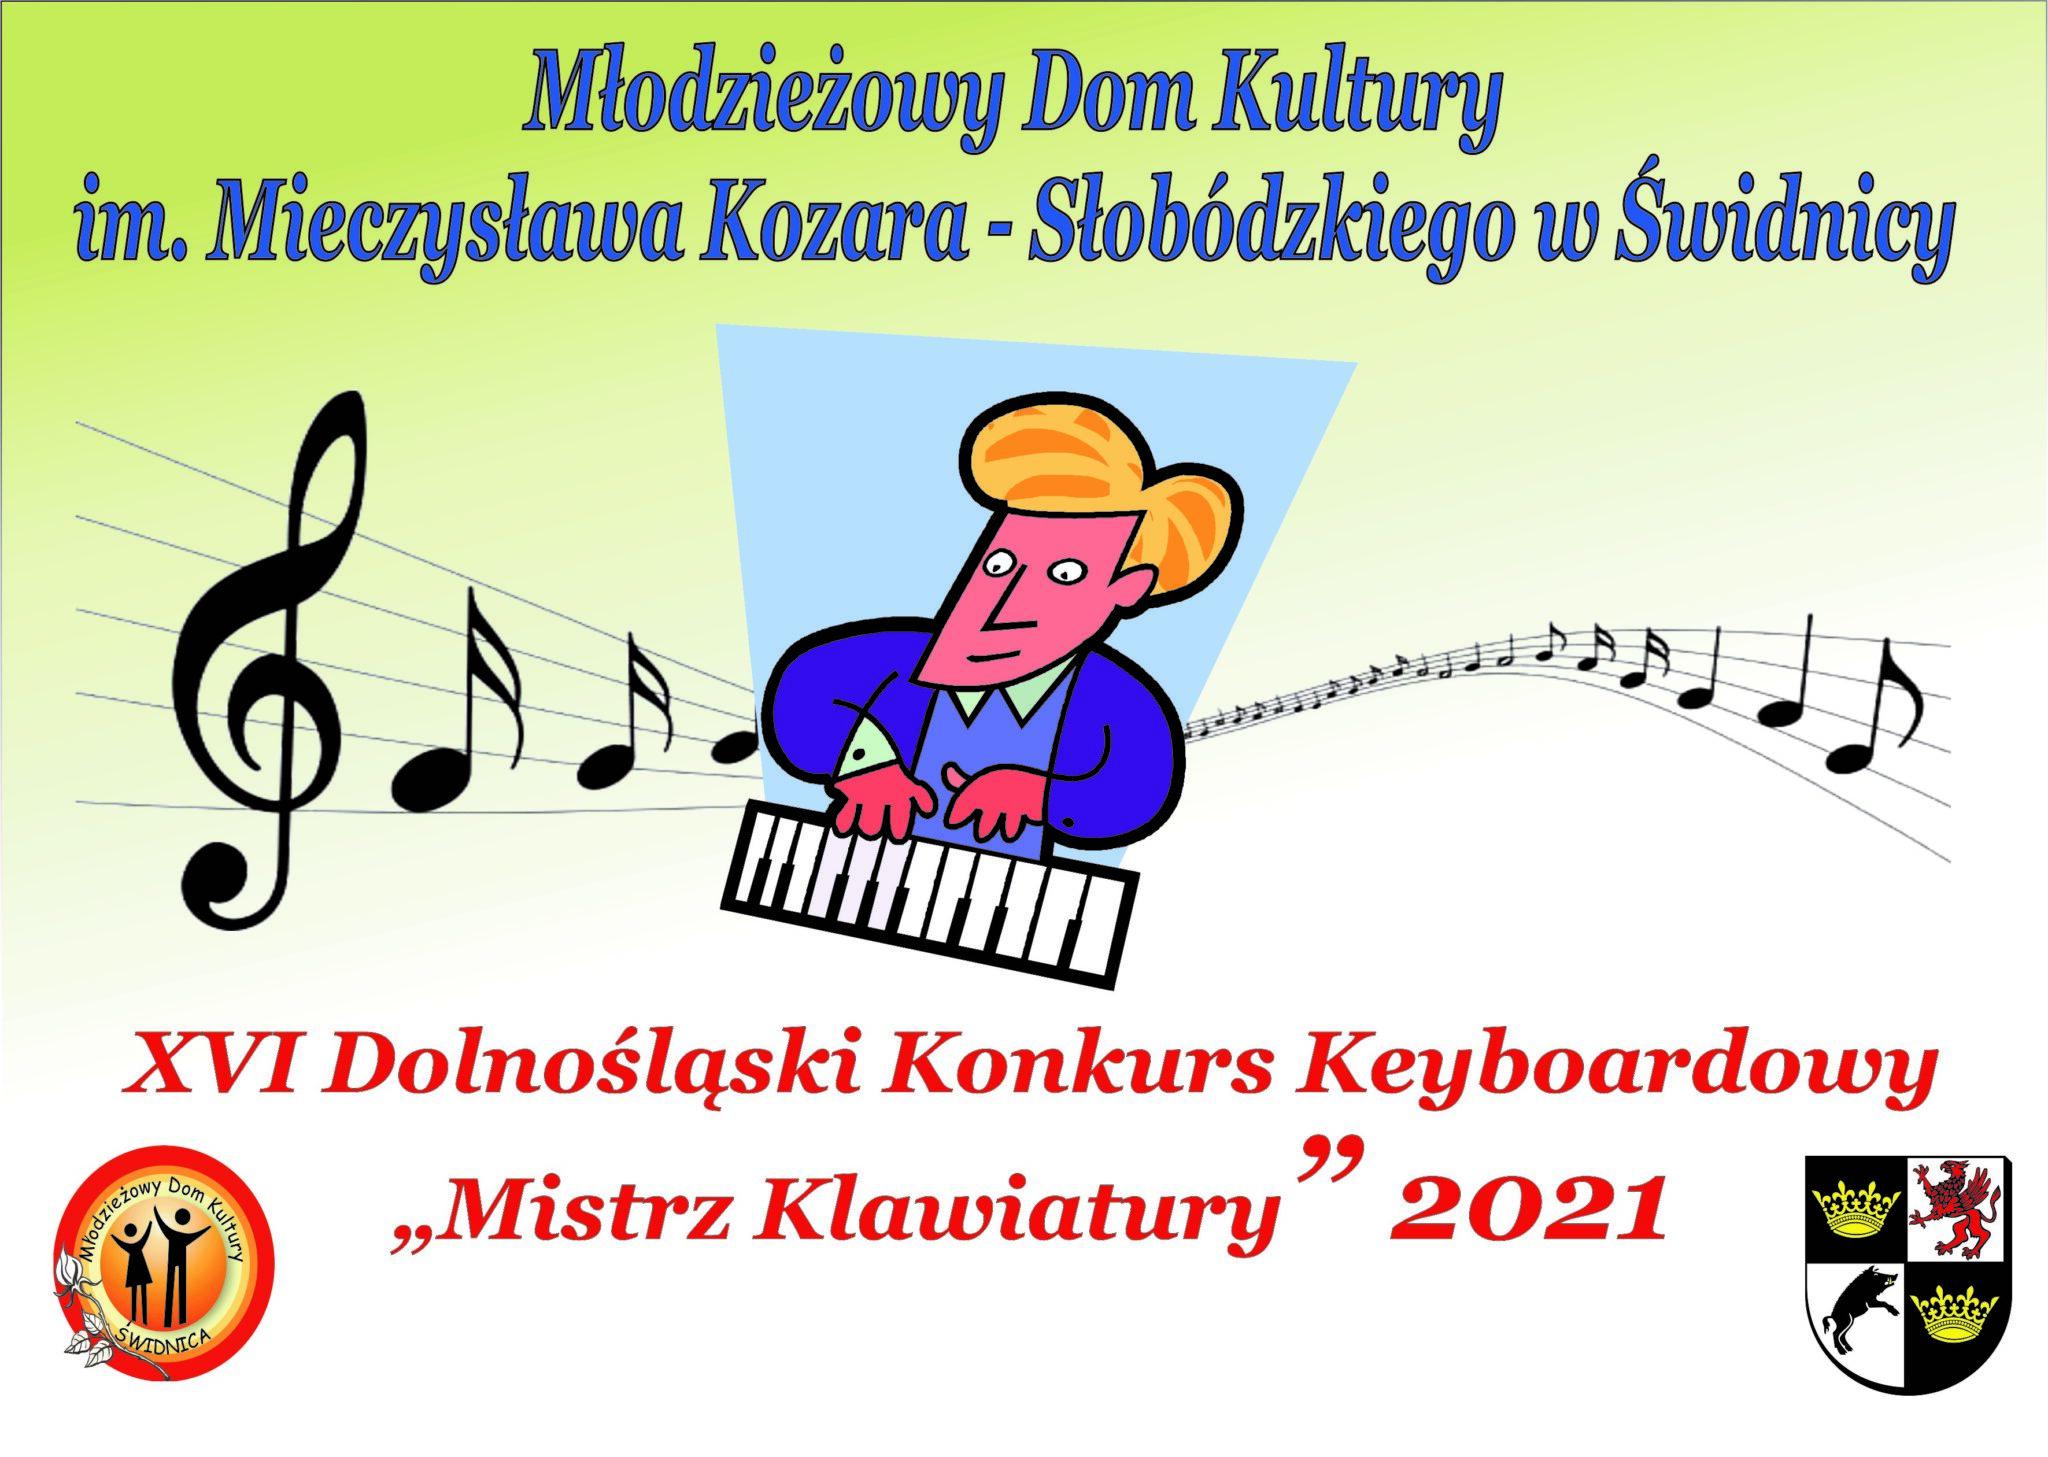 """XVI Dolnośląski Konkurs """"Mistrz Klawiatury'2021"""" – WYNIKI"""